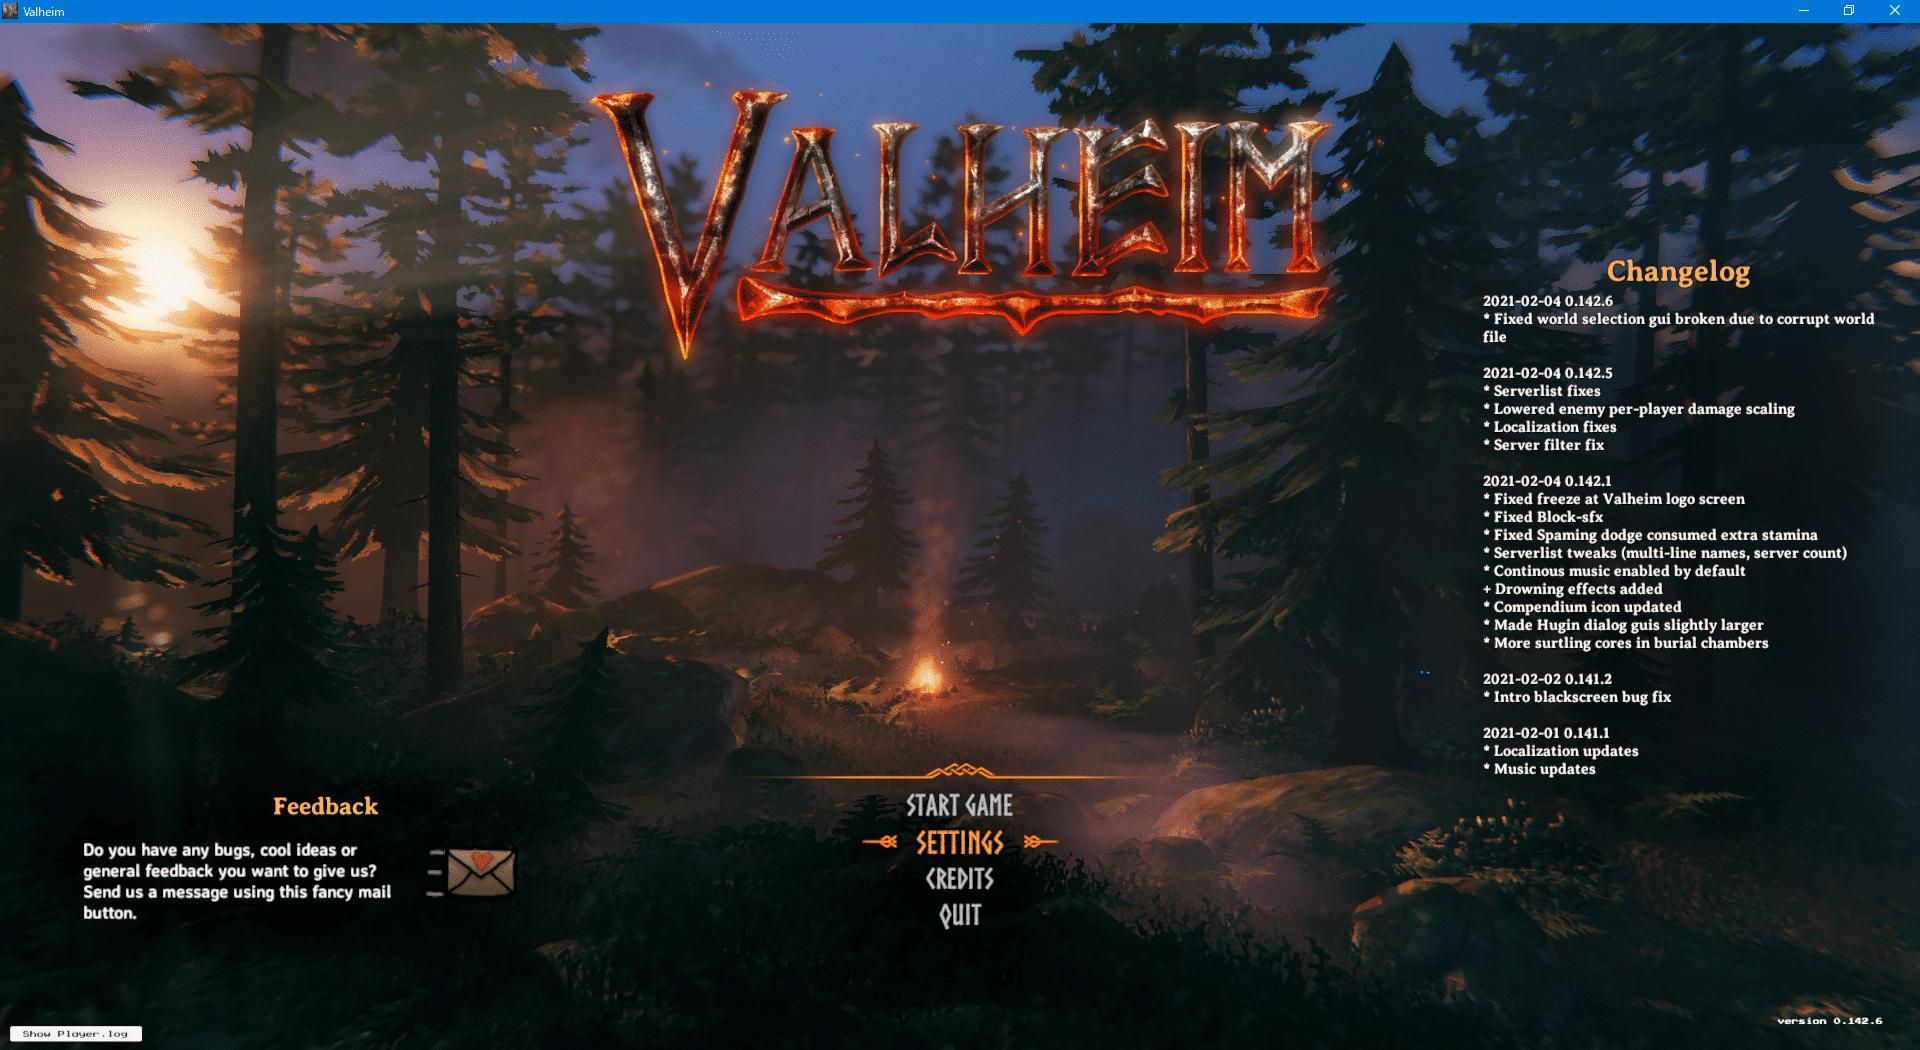 Valheim 日本 語 【Valheim】日本語化とキーボード設定【操作方法】